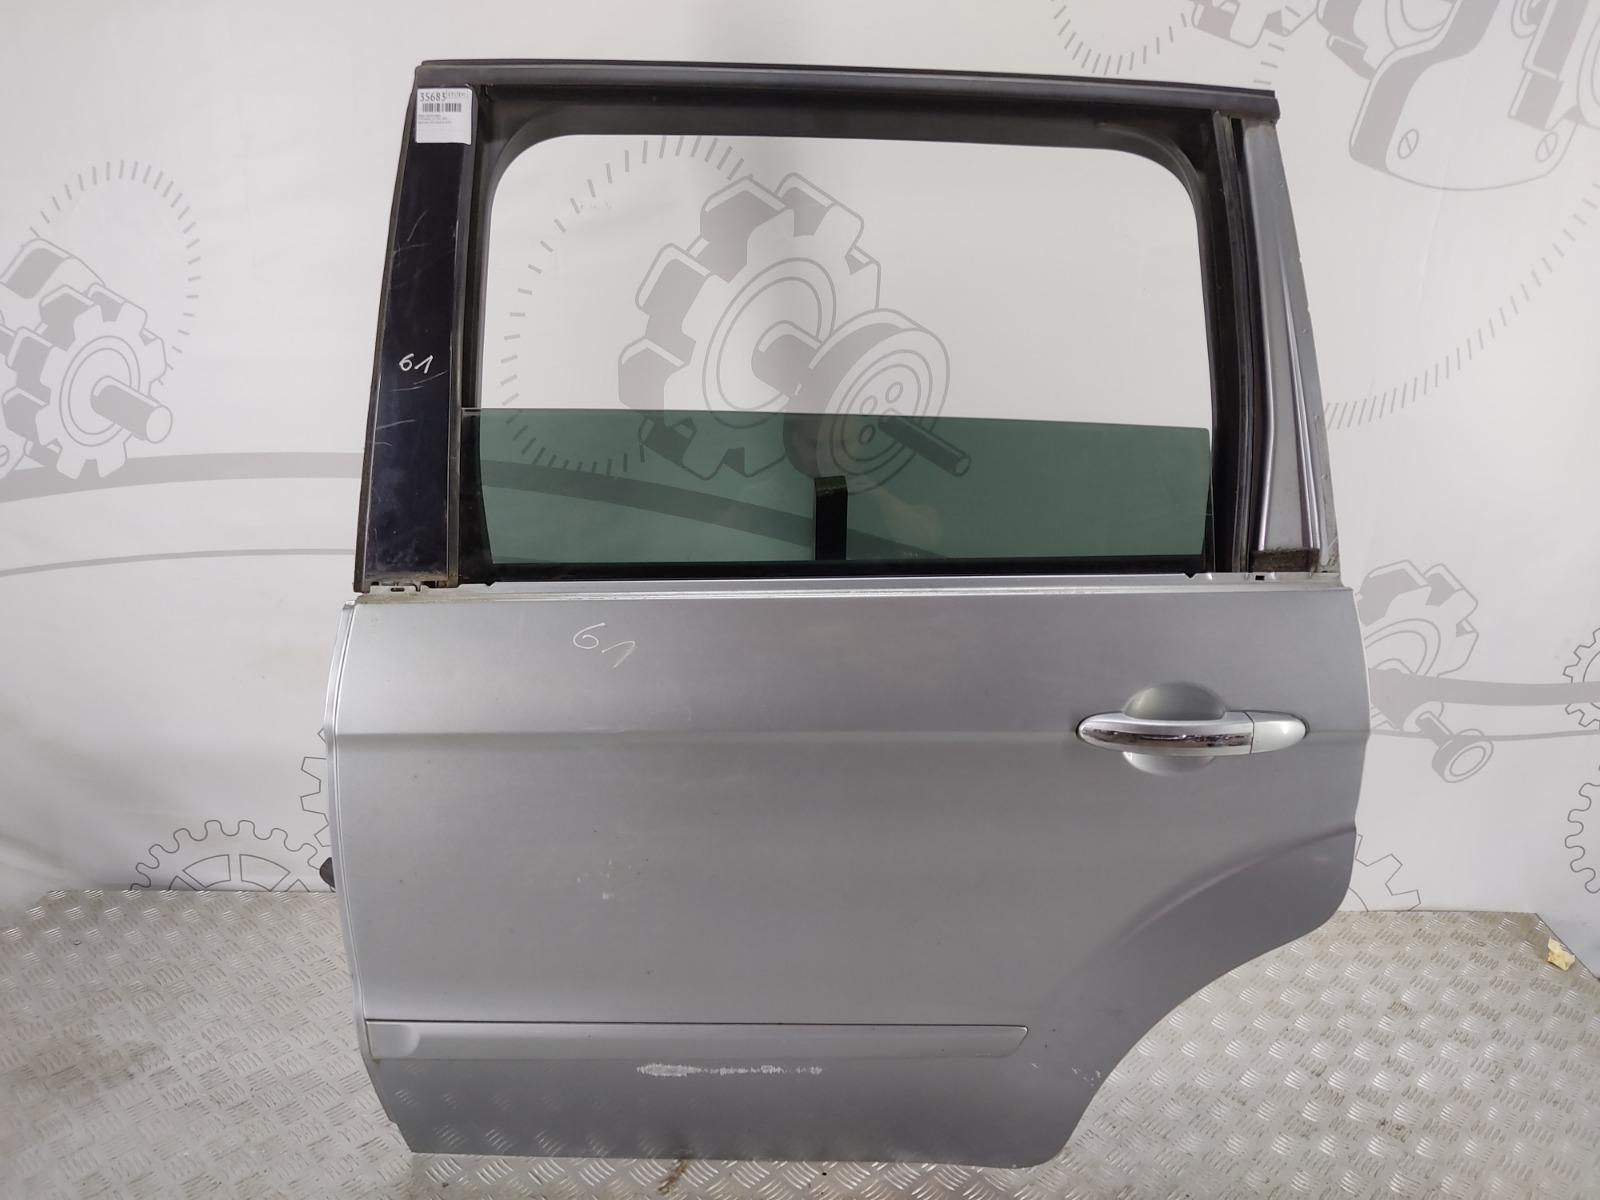 Дверь задняя левая Ford Galaxy 1.8 TDCI 2007 (б/у)